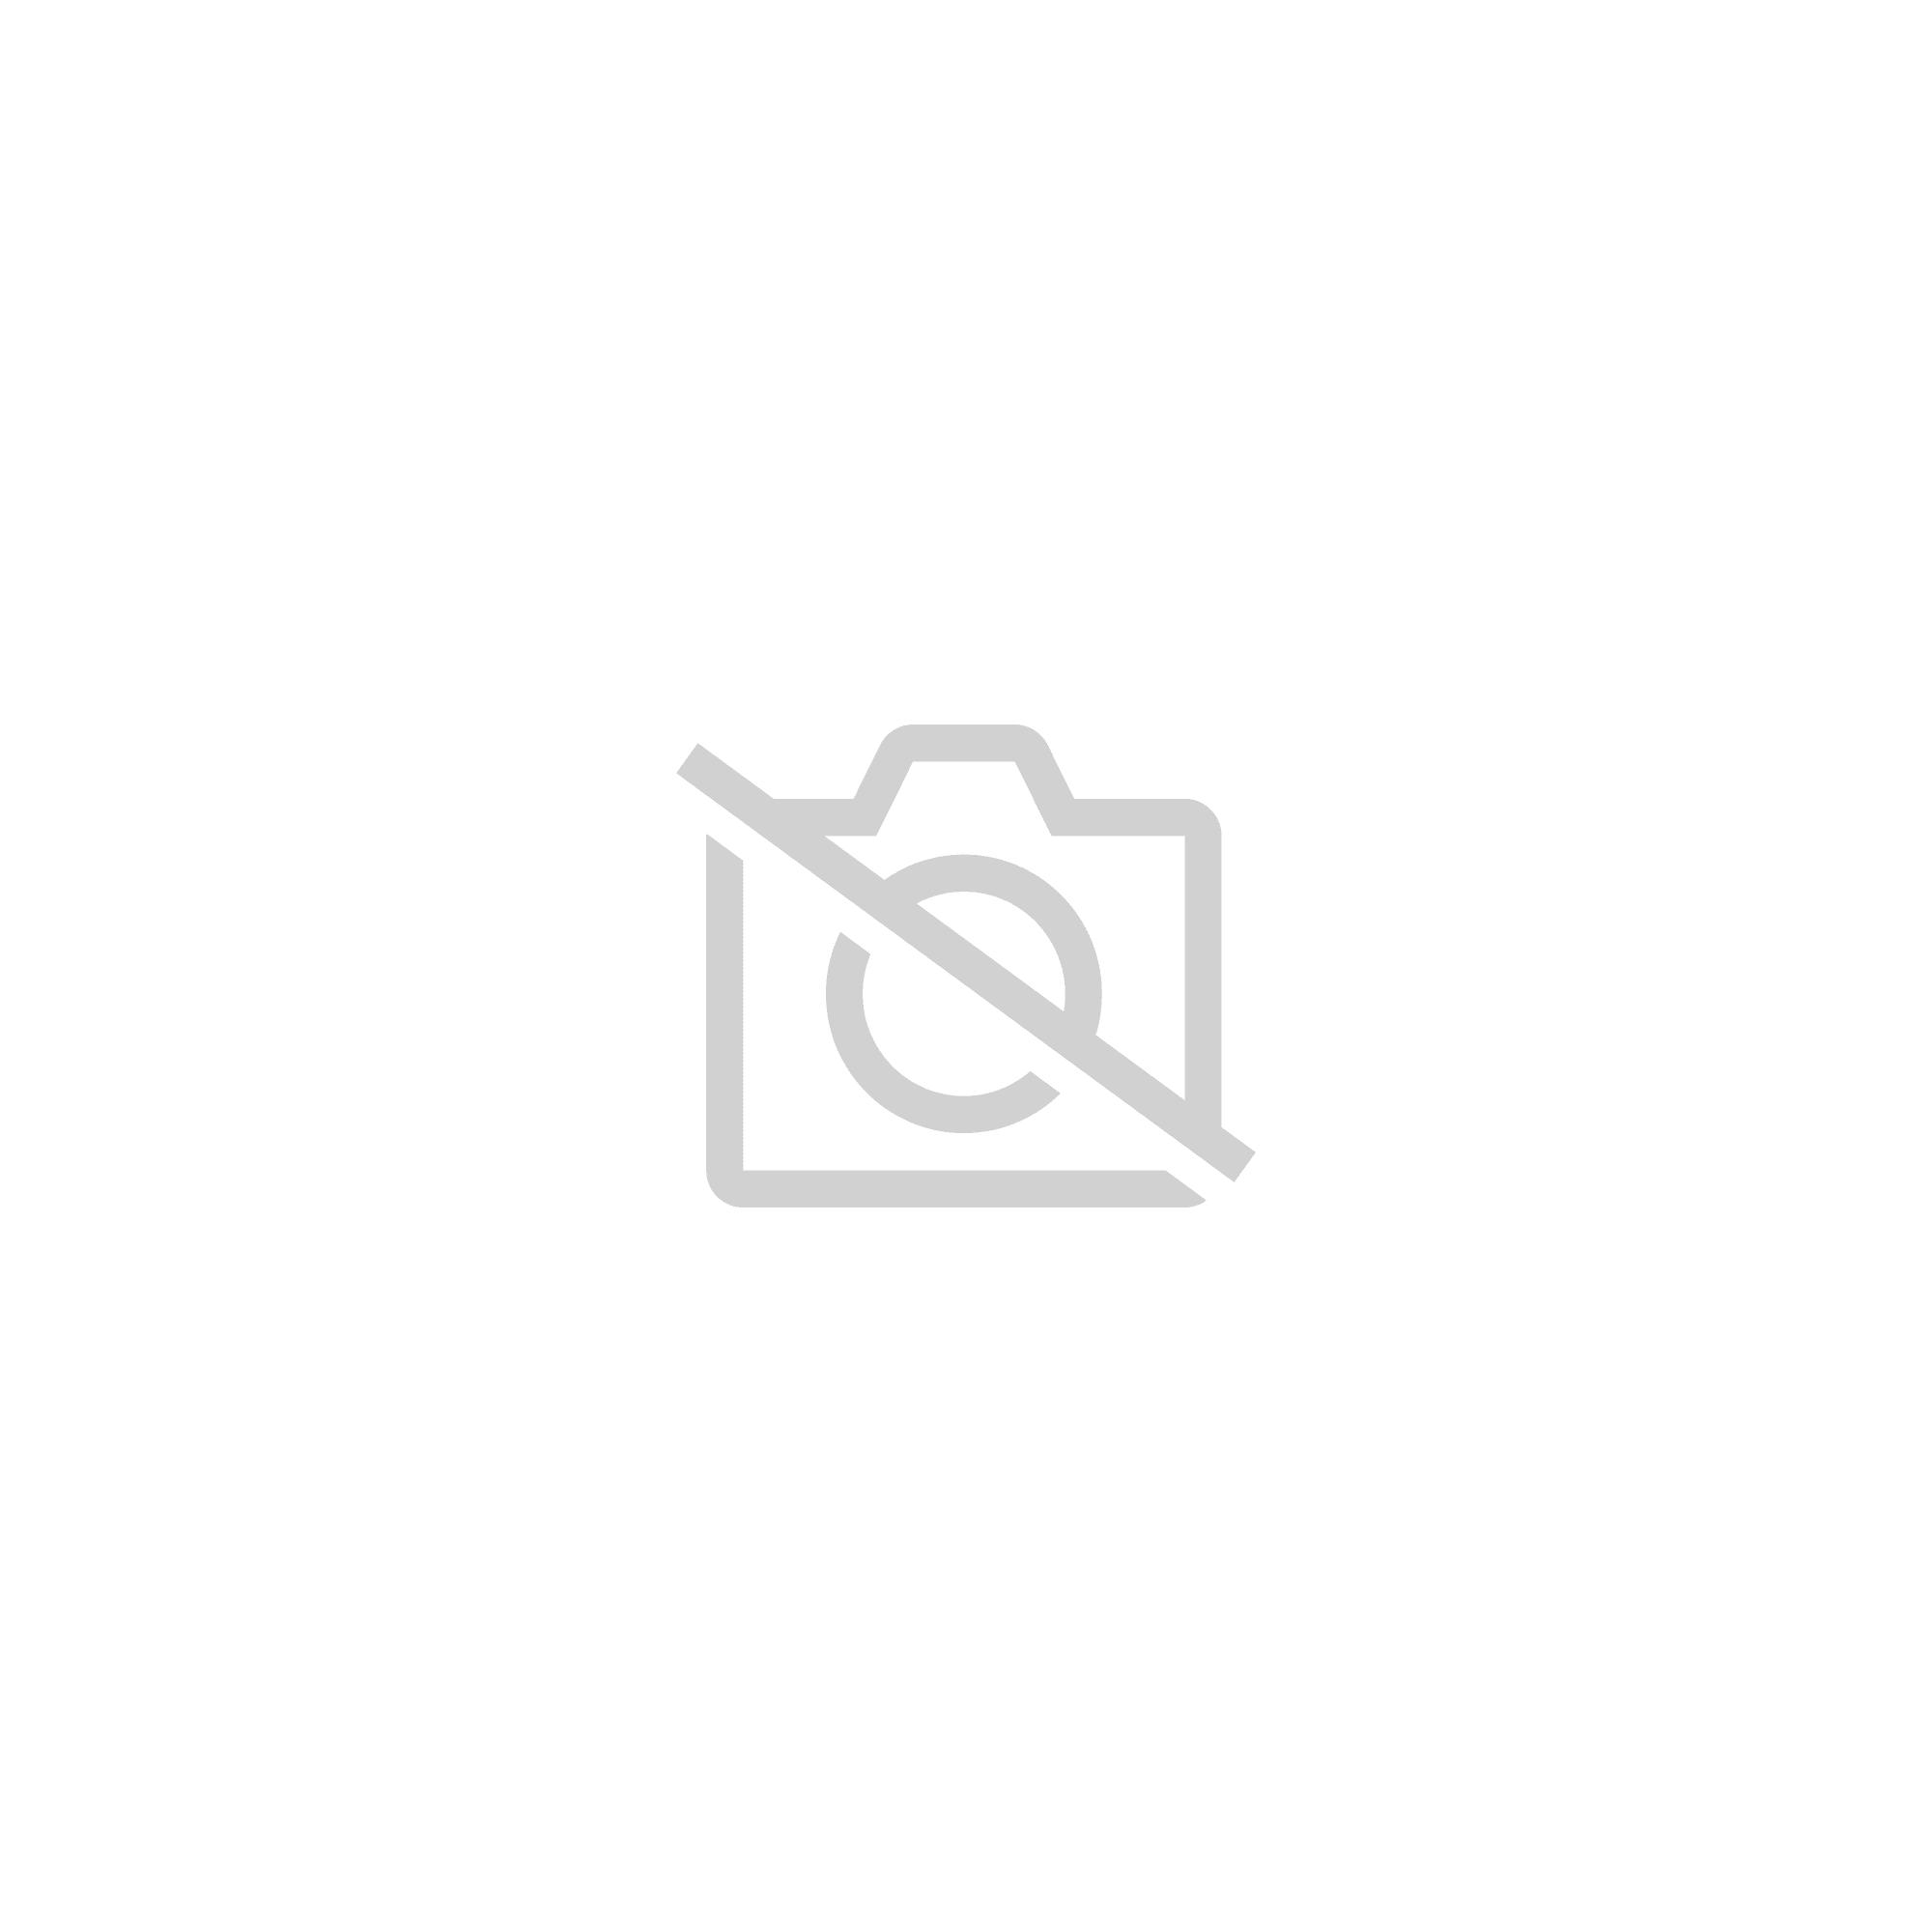 KDSANSO Moule /à Biscuits,DIY Moulle /à G/âteau Forme damour D/écoration de G/âteaux Moule Outils de Cuisson pour Anniversaire Saint Valentin P/âques,Blanc 3/&2.2/&1.8cm